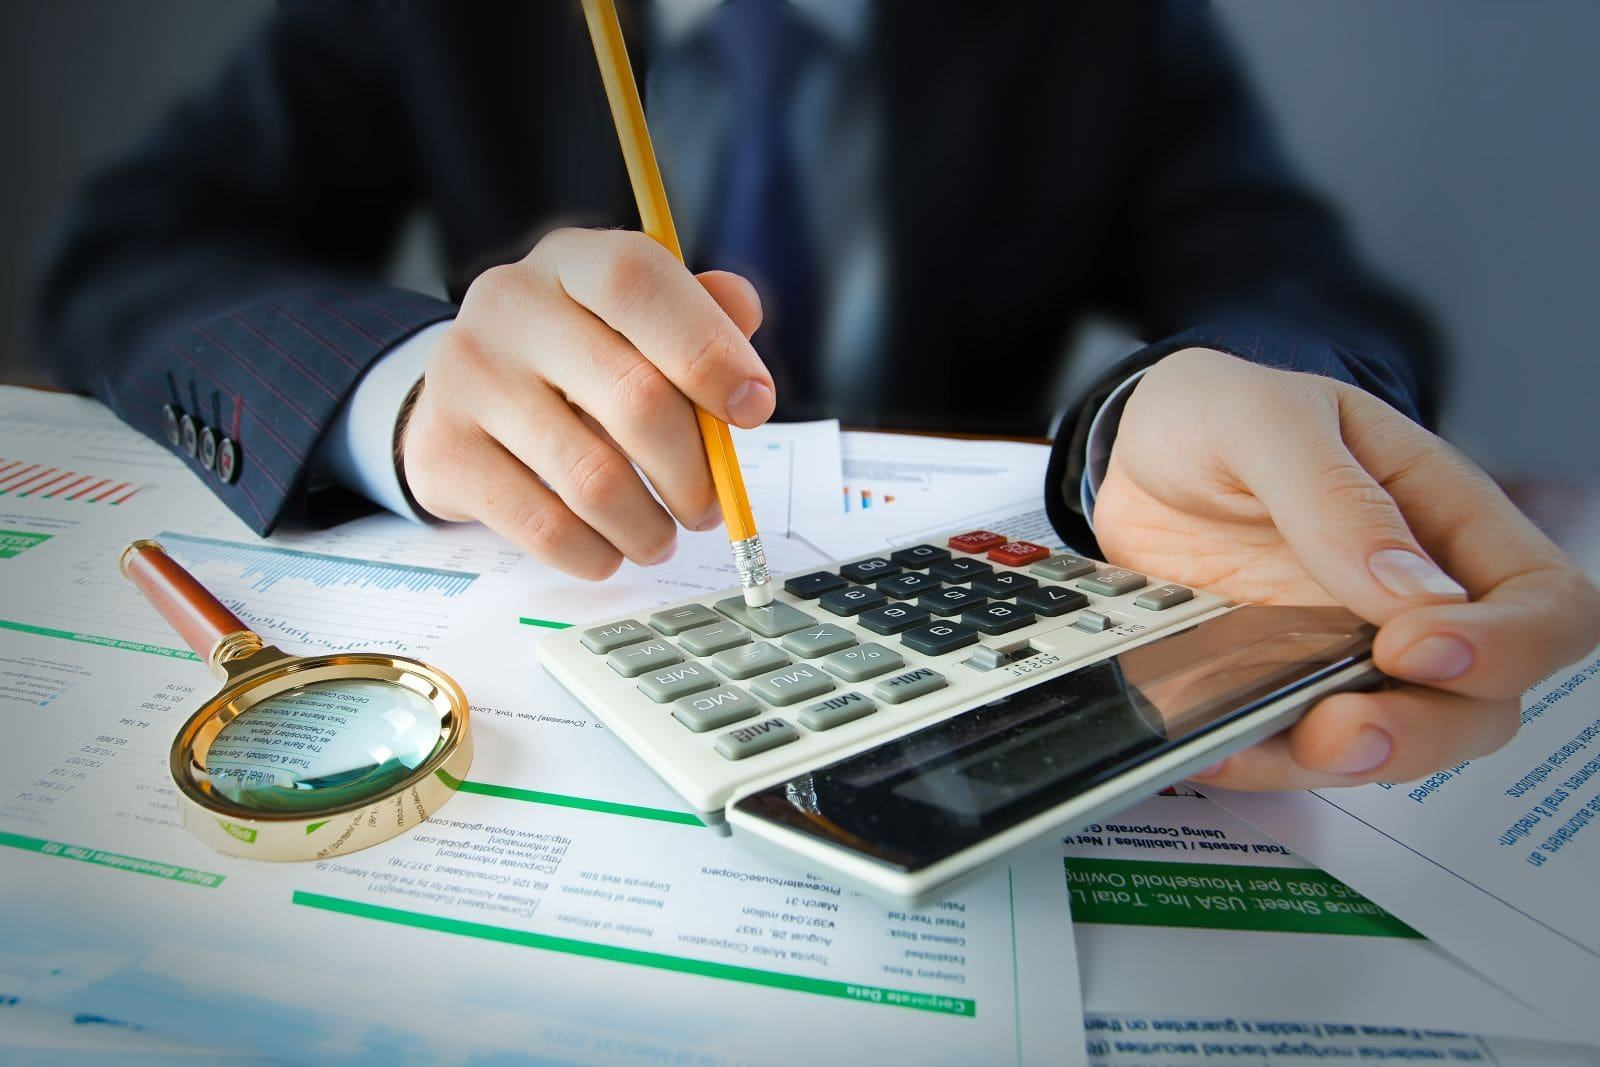 Tài liệu ôn thi kế toán 2020 - Đề Thi CPA 2016 Môn Kế Toán Tài Chính Kế Toán Quản Trị Nâng Cao (đề lẻ)